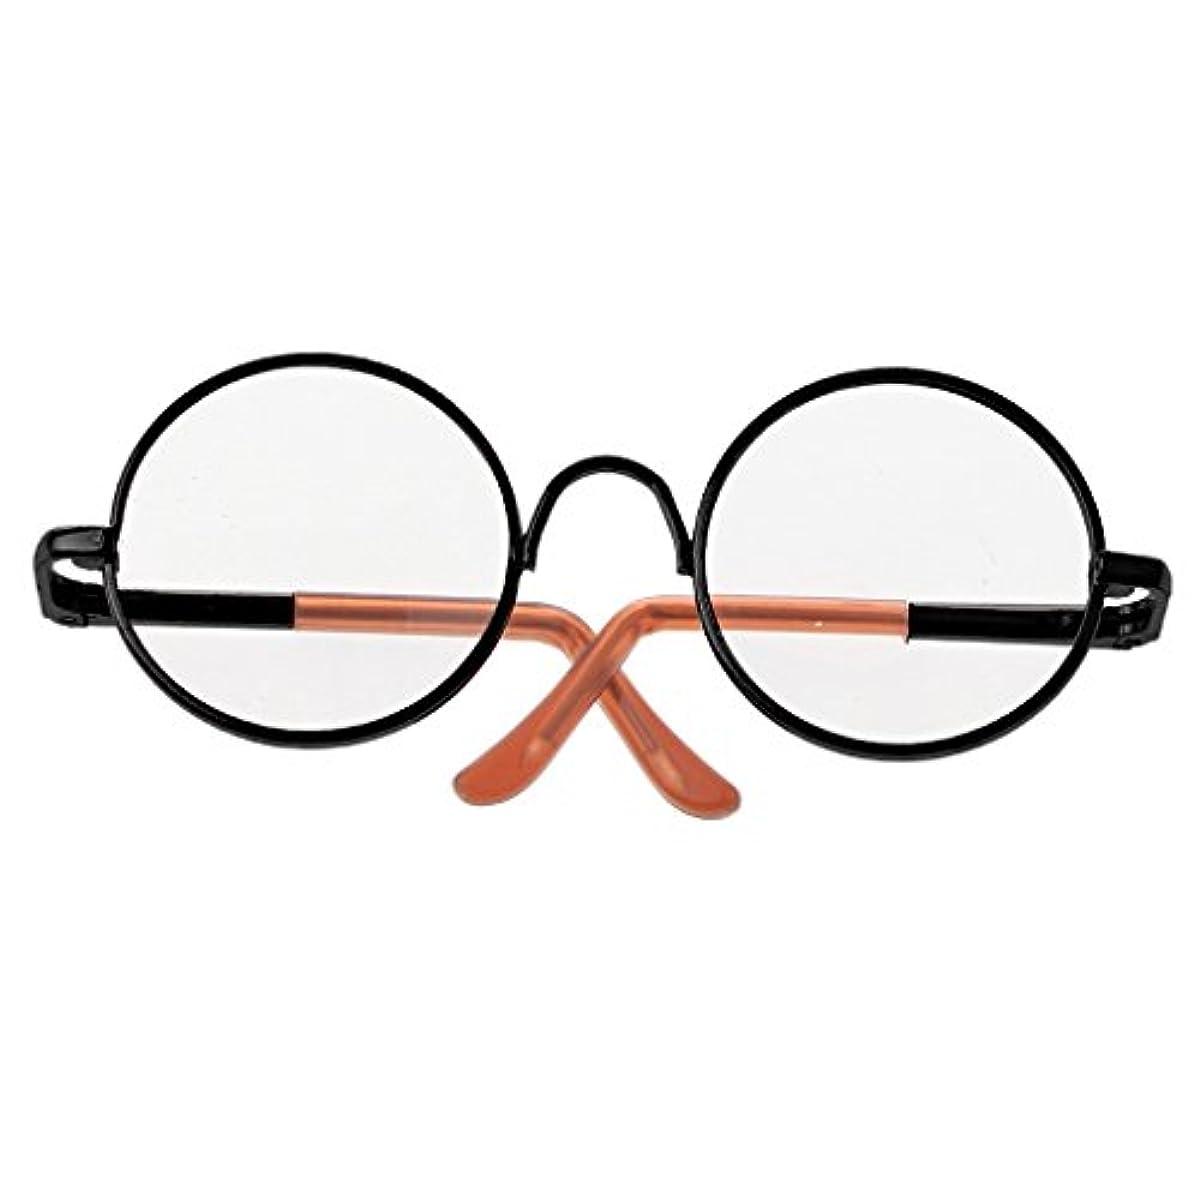 [해외] DOVEWILL 큐빅스톤용  안경  안경 수납 케이스 첨부속  1/6블라이스 인형 대응전8색 - 블랙